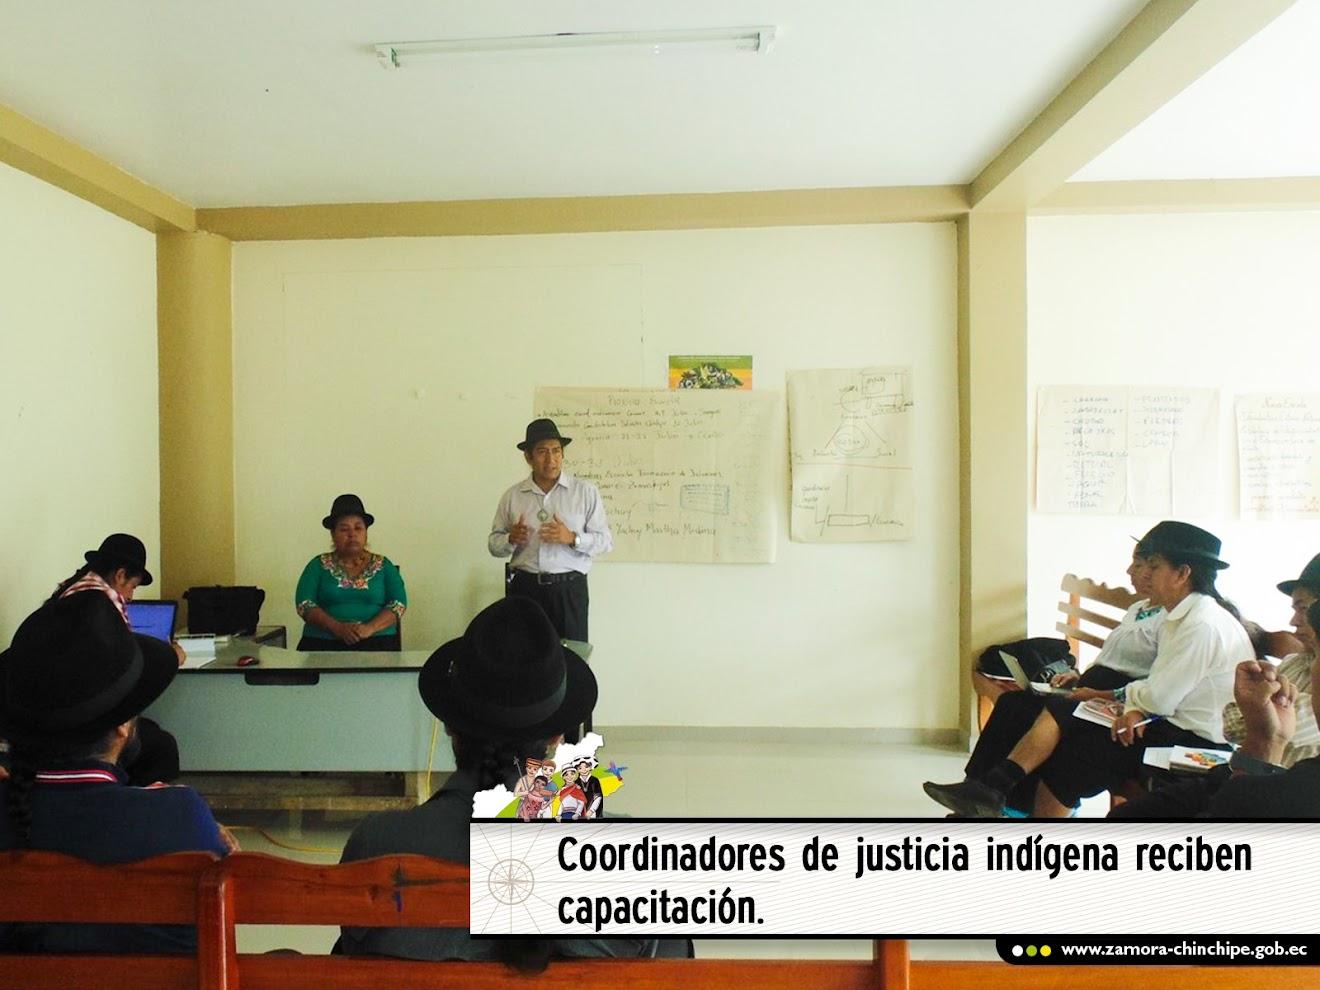 COORDINADORES DE JUSTICIA INDÍGENA RECIBEN CAPACITACIÓN